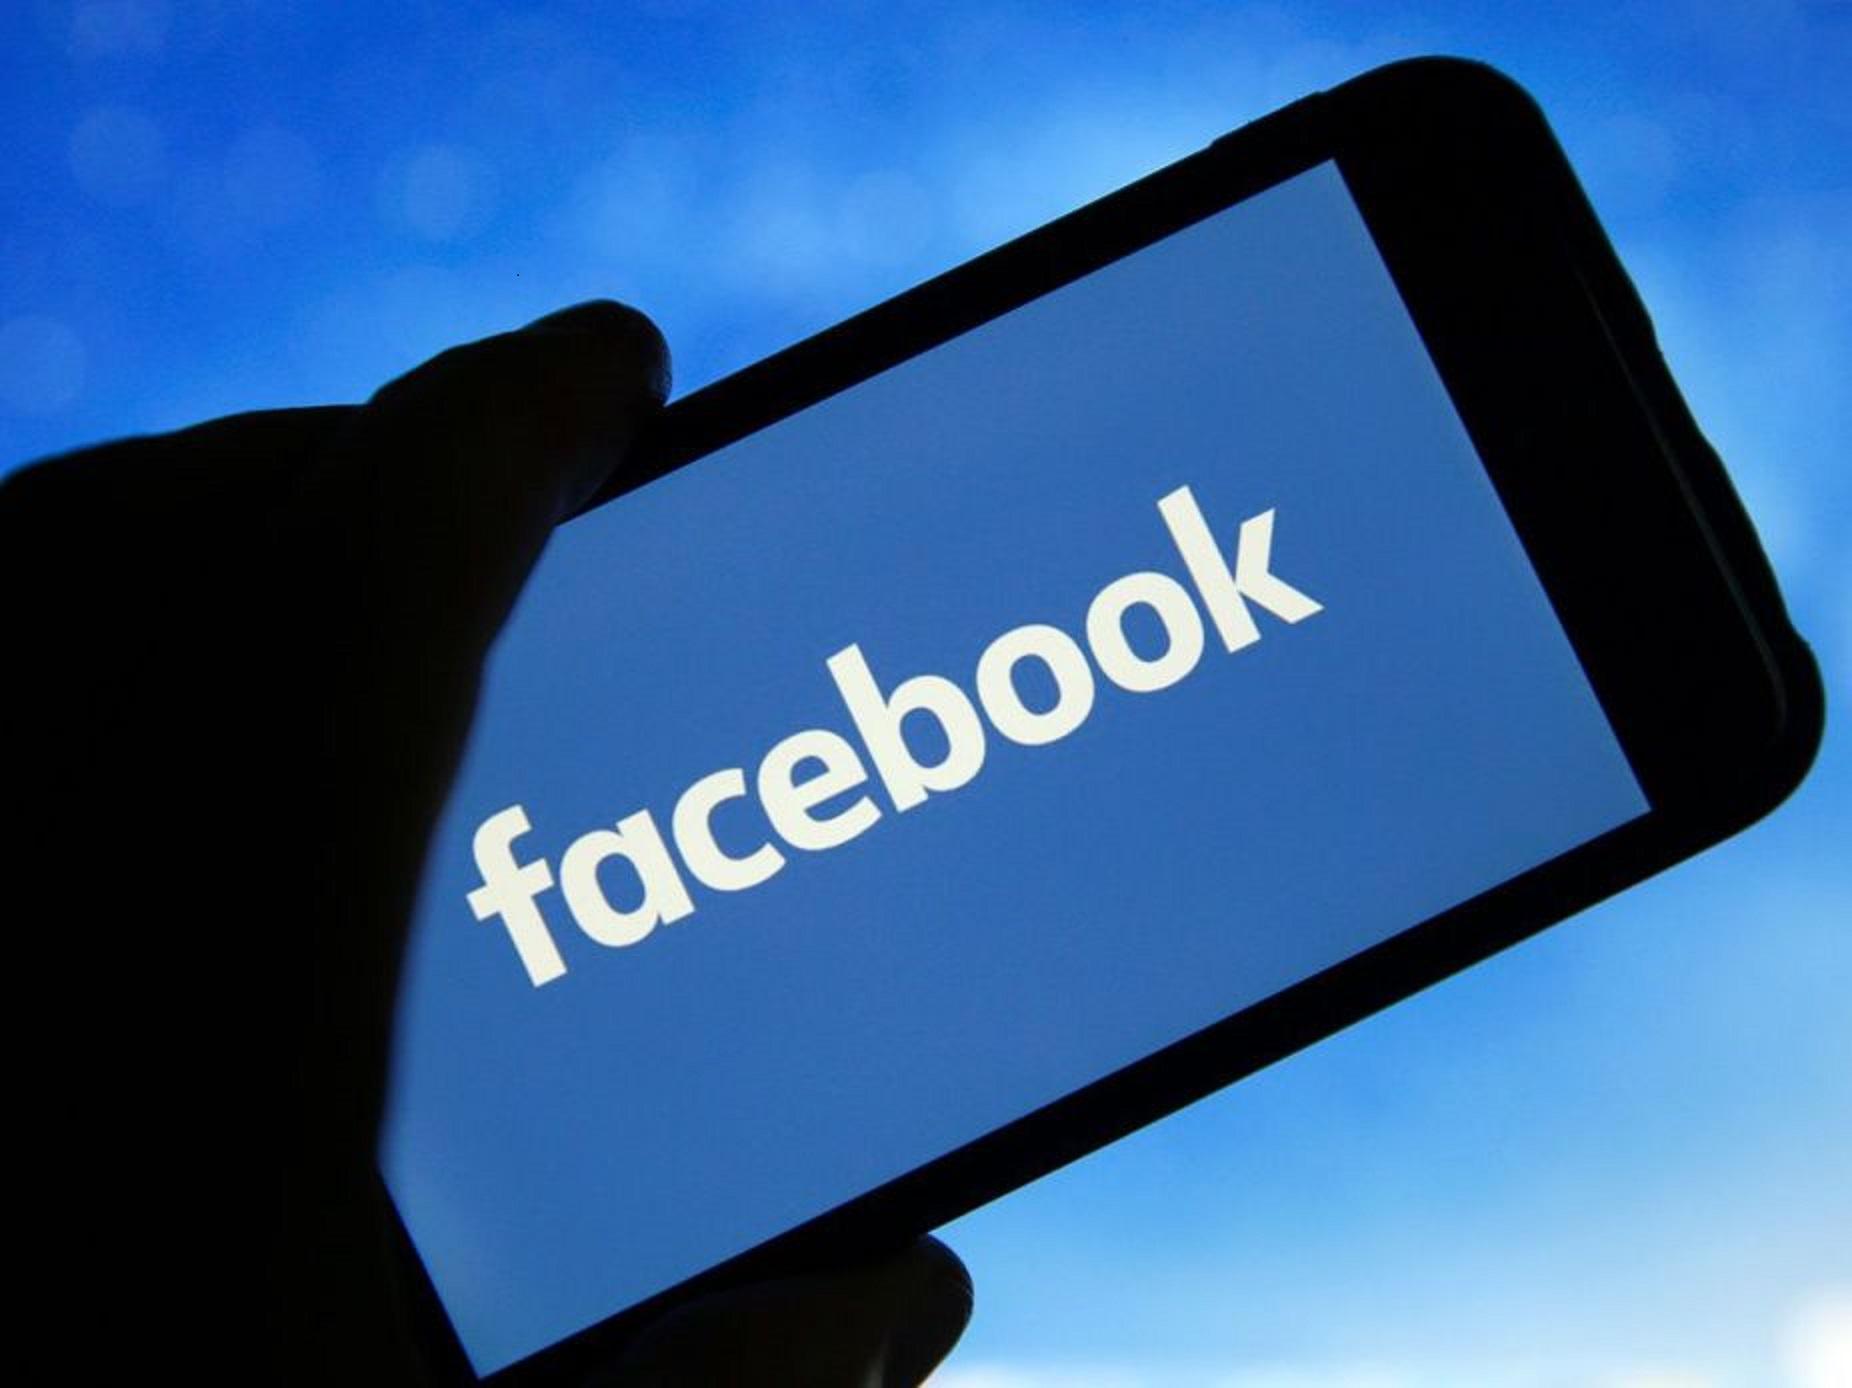 फेसबुकले गएको तीन महिनामा नौ अर्ब डलर नाफा कमायो